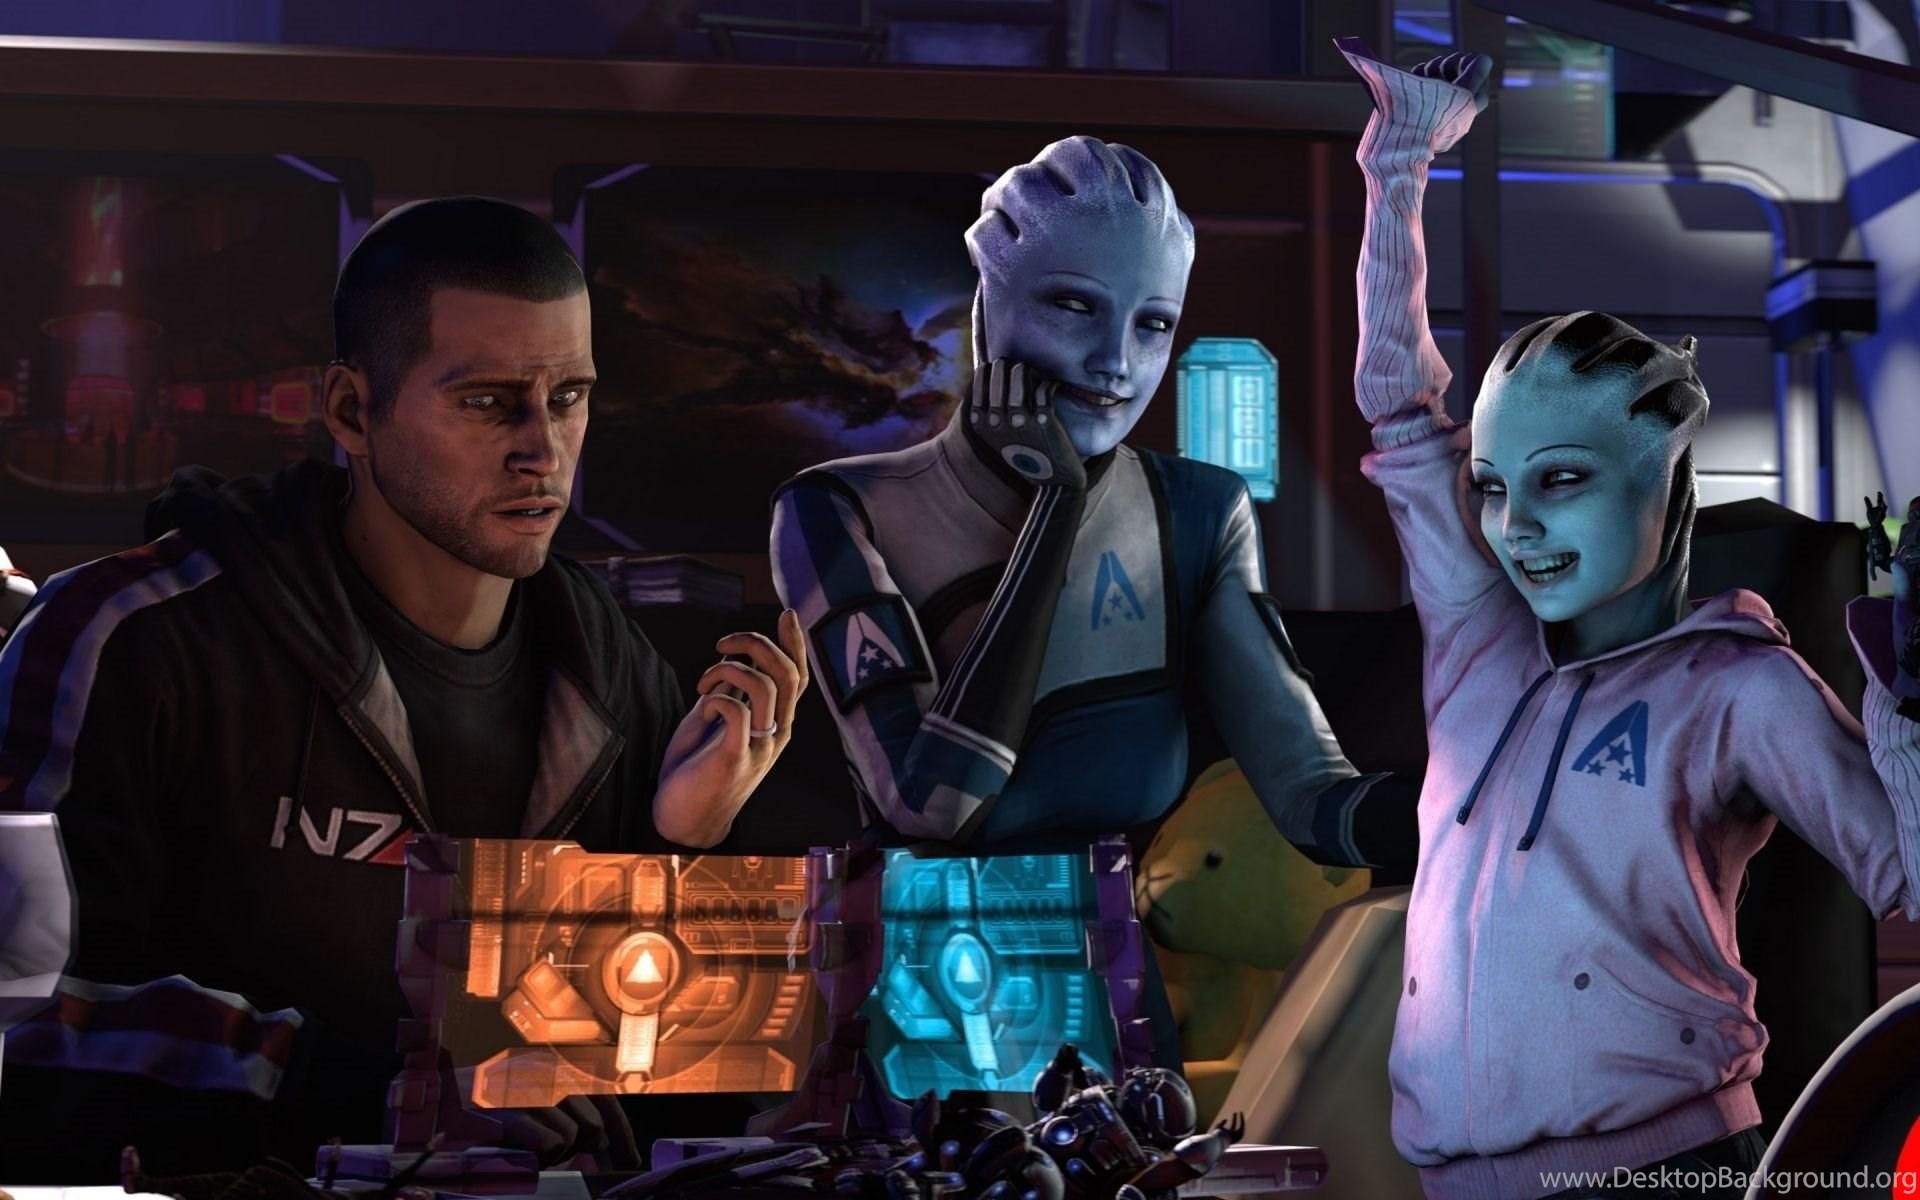 Wallpapers Hd Liara Mass Effect Hd Wallpapers Expert Desktop